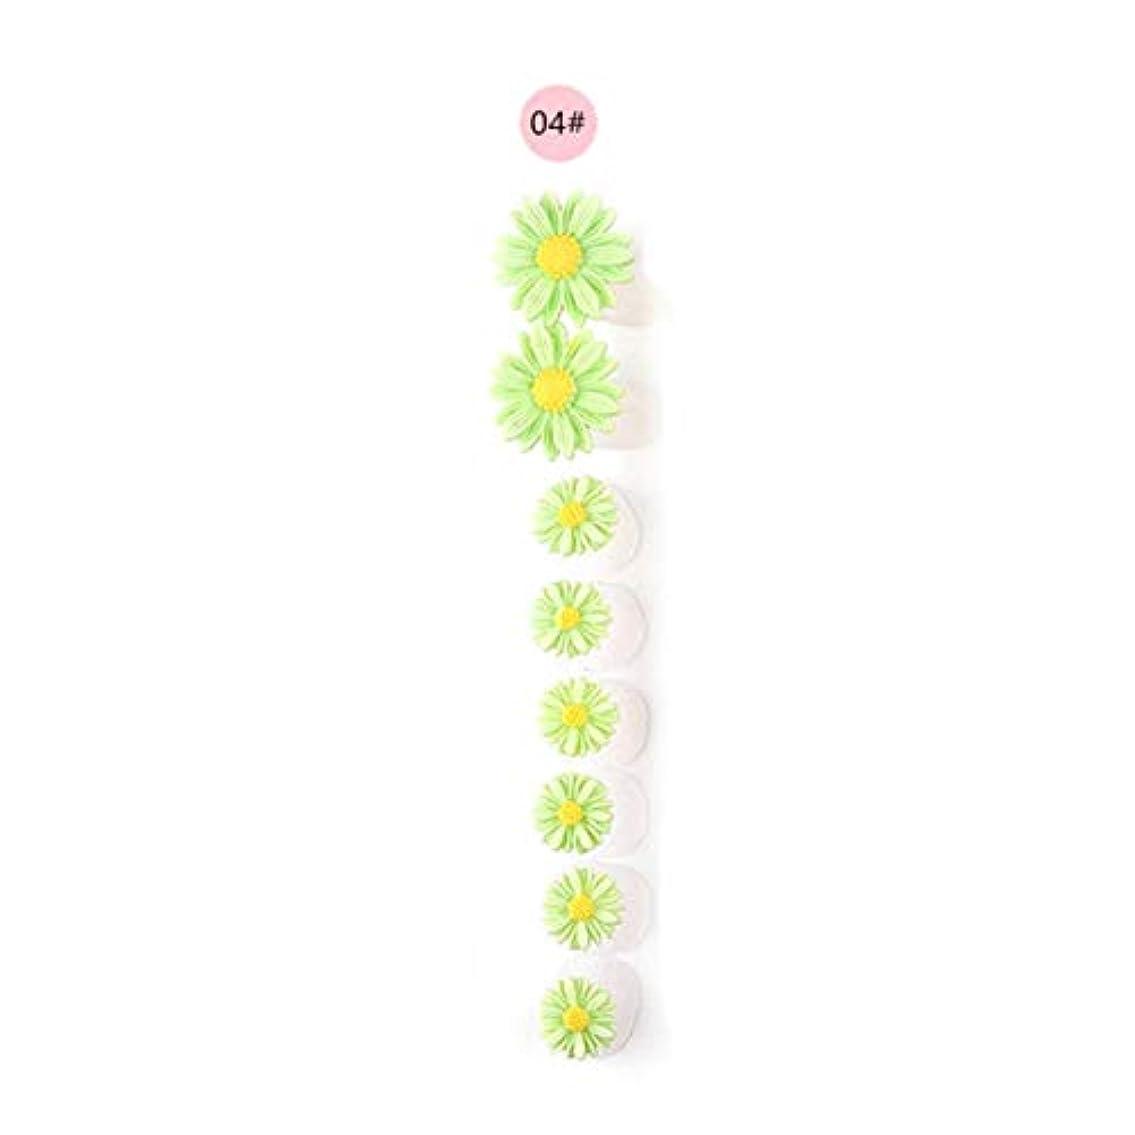 生産的嵐素晴らしい良い多くの8ピース/セットシリコンつま先セパレーター足つま先スペーサー花形ペディキュアDIYネイルアートツール-カラフル04#